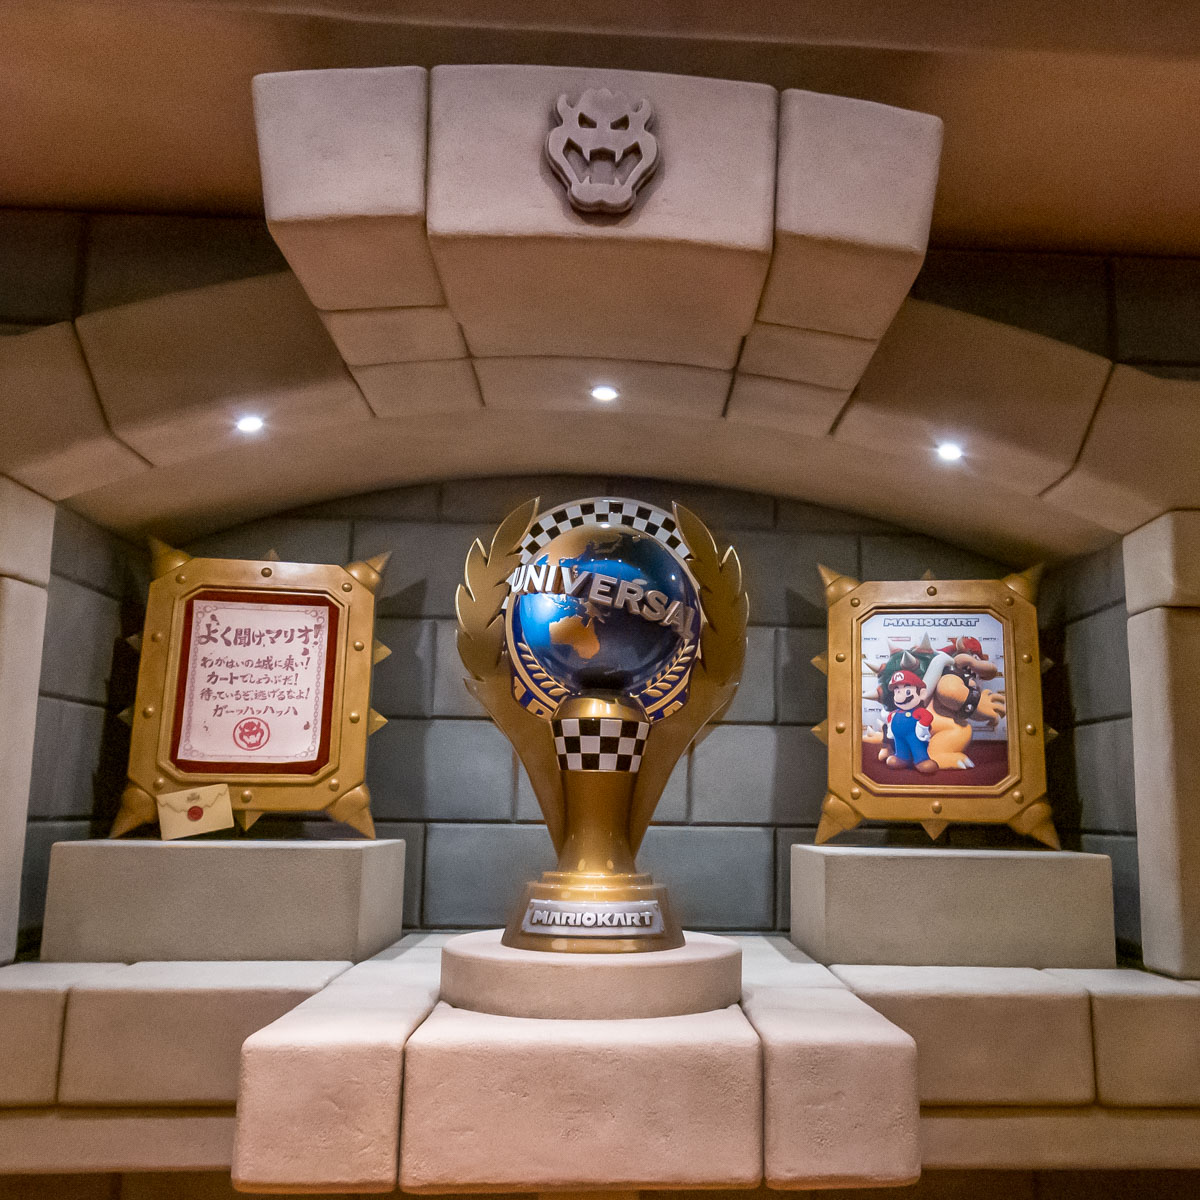 ユニバーサル・スタジオ・ジャパン『SUPER NINTENDO WORLD(スーパー・ニンテンドー・ワールド)』アトラクション『マリオカート 〜クッパの挑戦状〜』トロフィールーム3